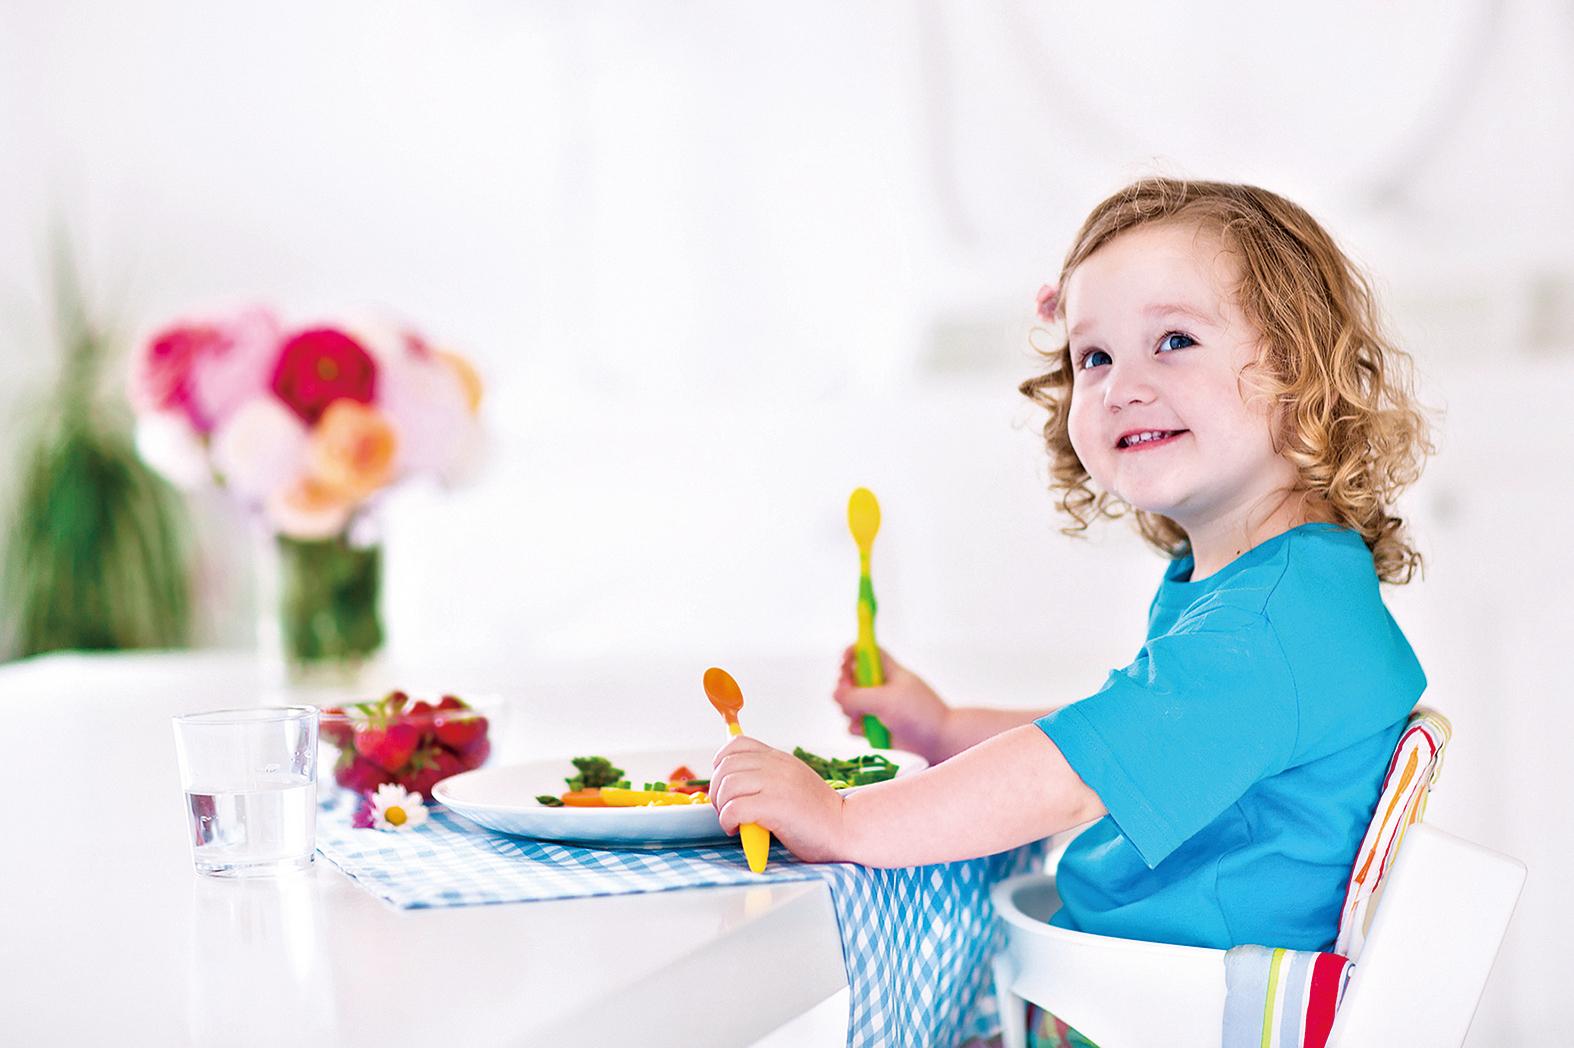 兒童飲食難題父母如何面對